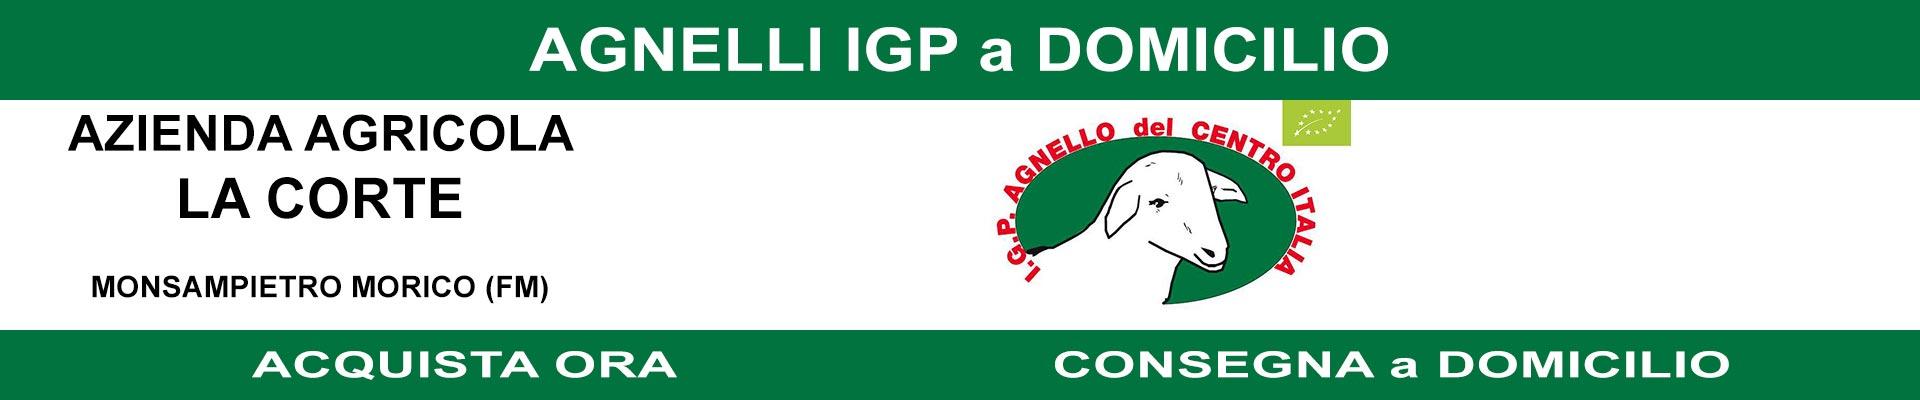 Azienda Agricola La Corte - Dicembre 2020